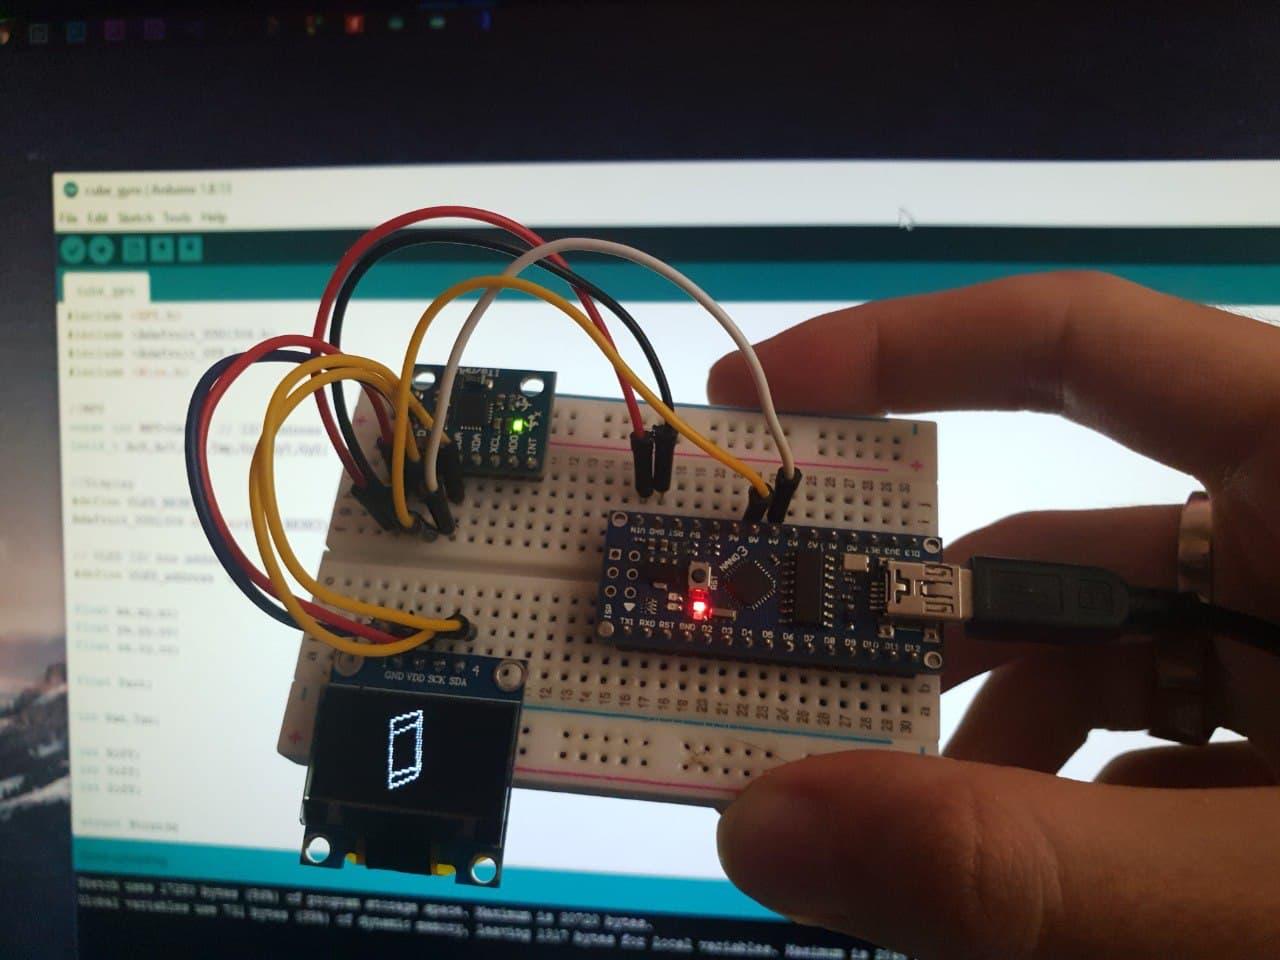 پروژه راه اندازی ماژول MPU6050 با آردوینو نانو Nano و OLED - دیجی اسپارک